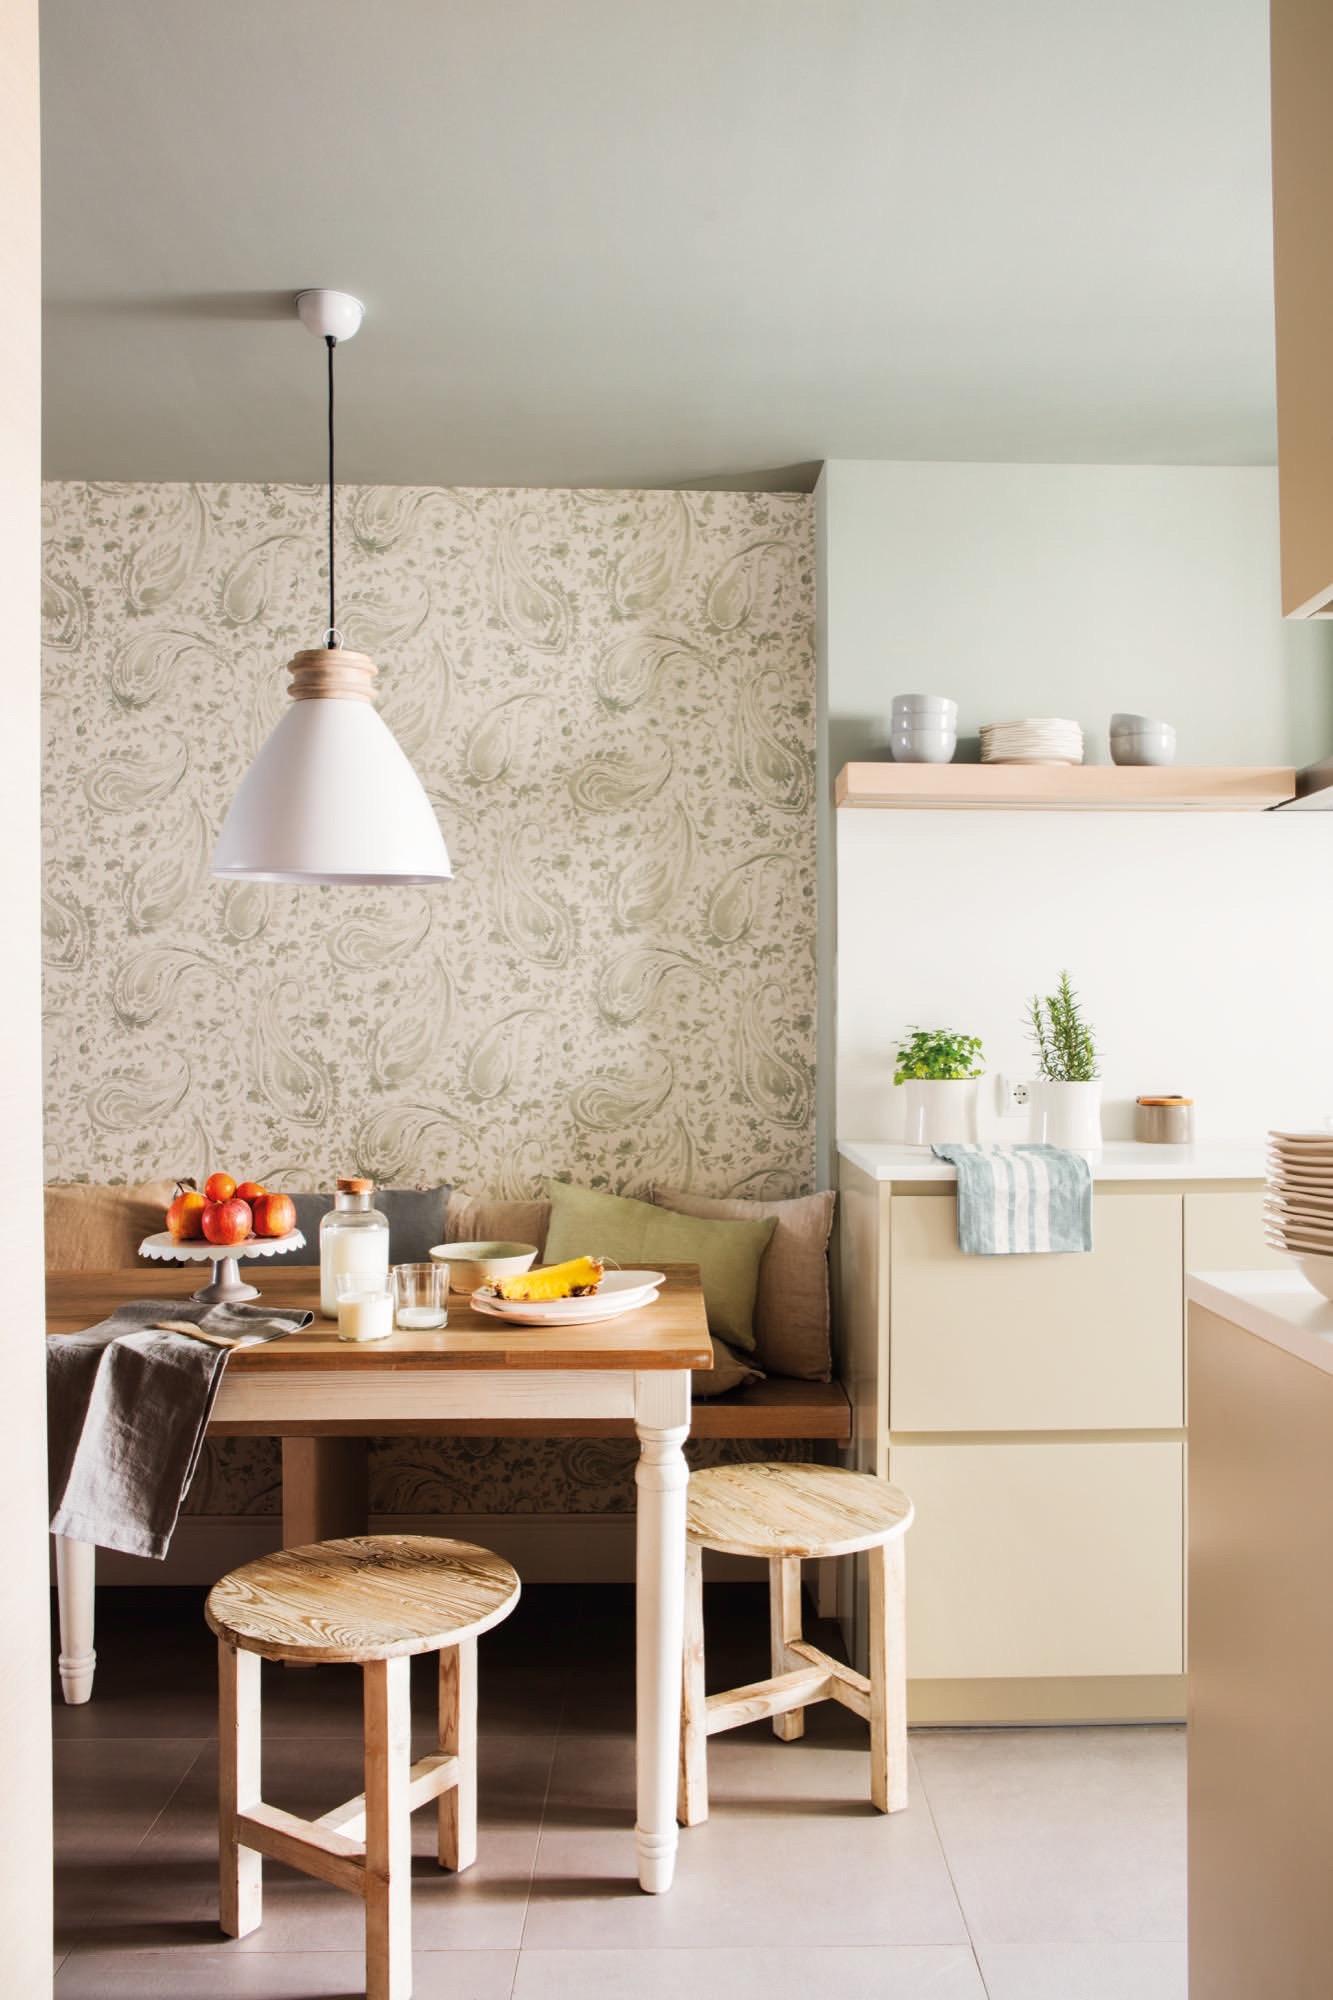 La casa definitiva para una pareja con hijos mayores - Papel pintado en la cocina ...